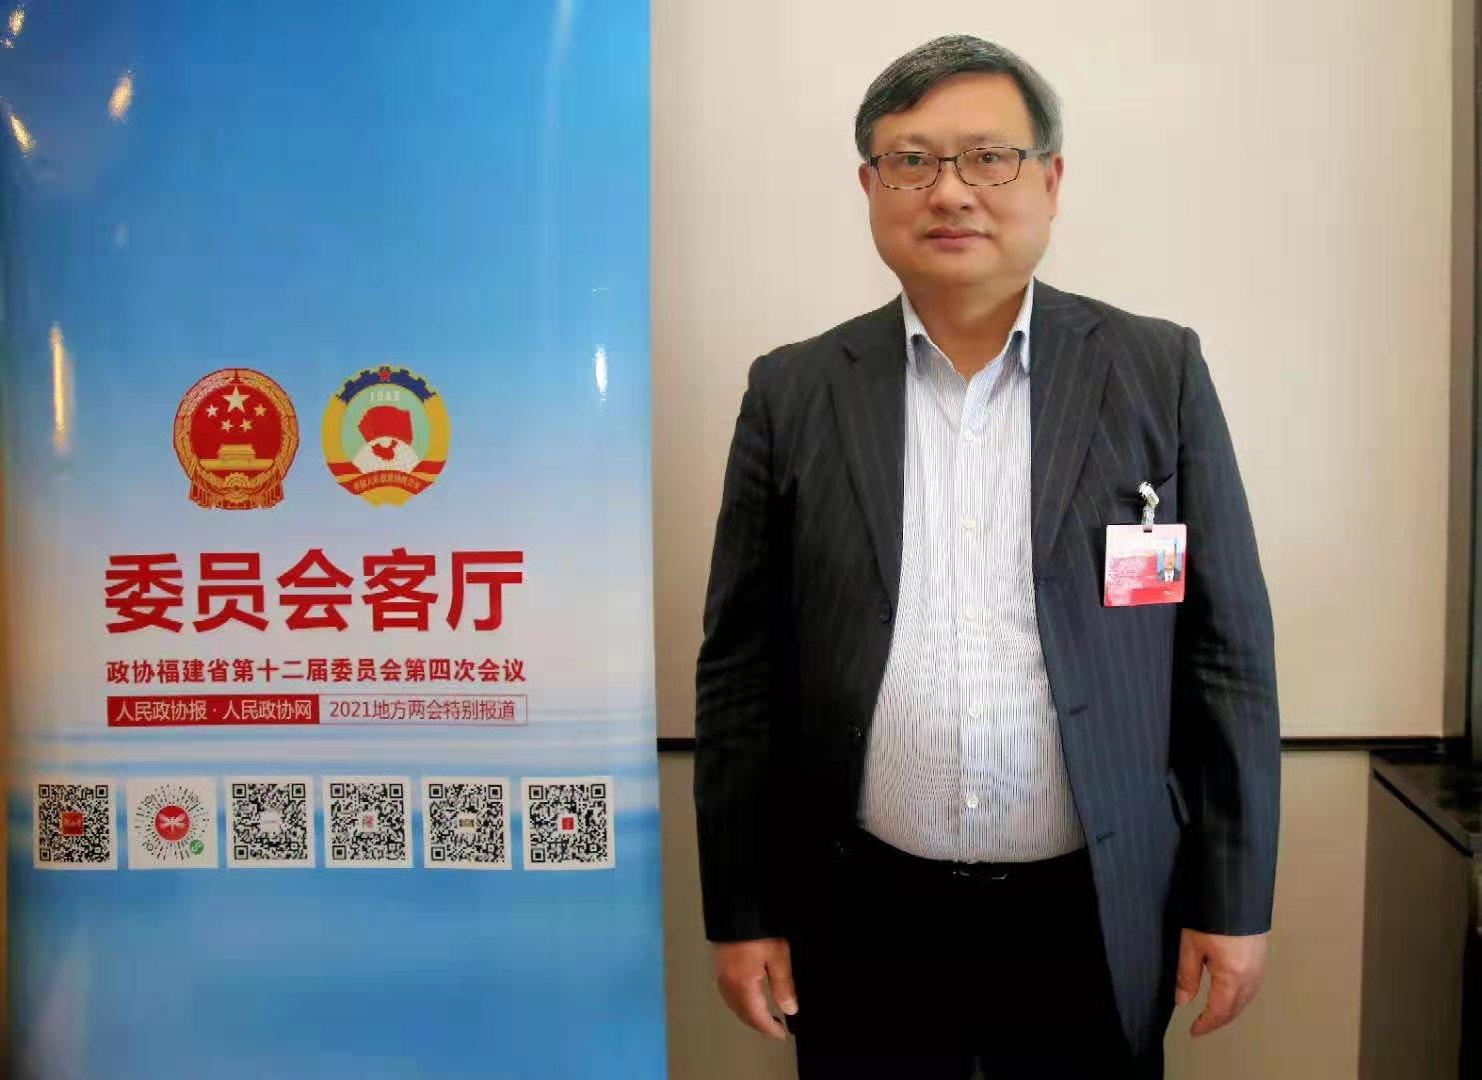 福建省政协委员施教斌:从政者必须爱国